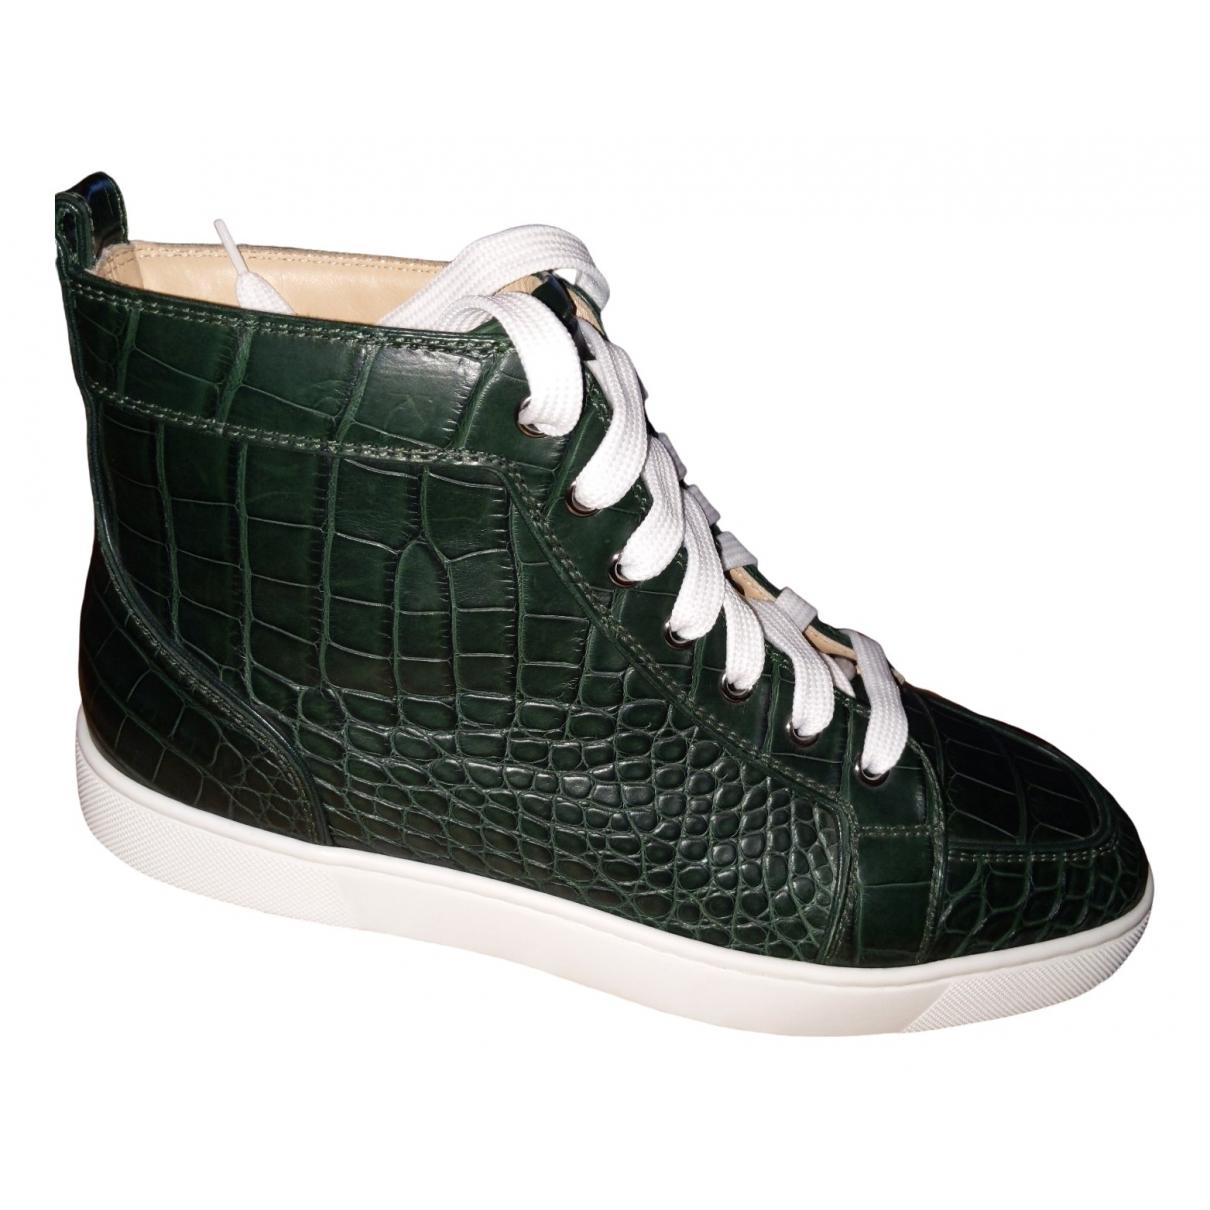 Christian Louboutin - Baskets Louis pour homme en crocodile - vert